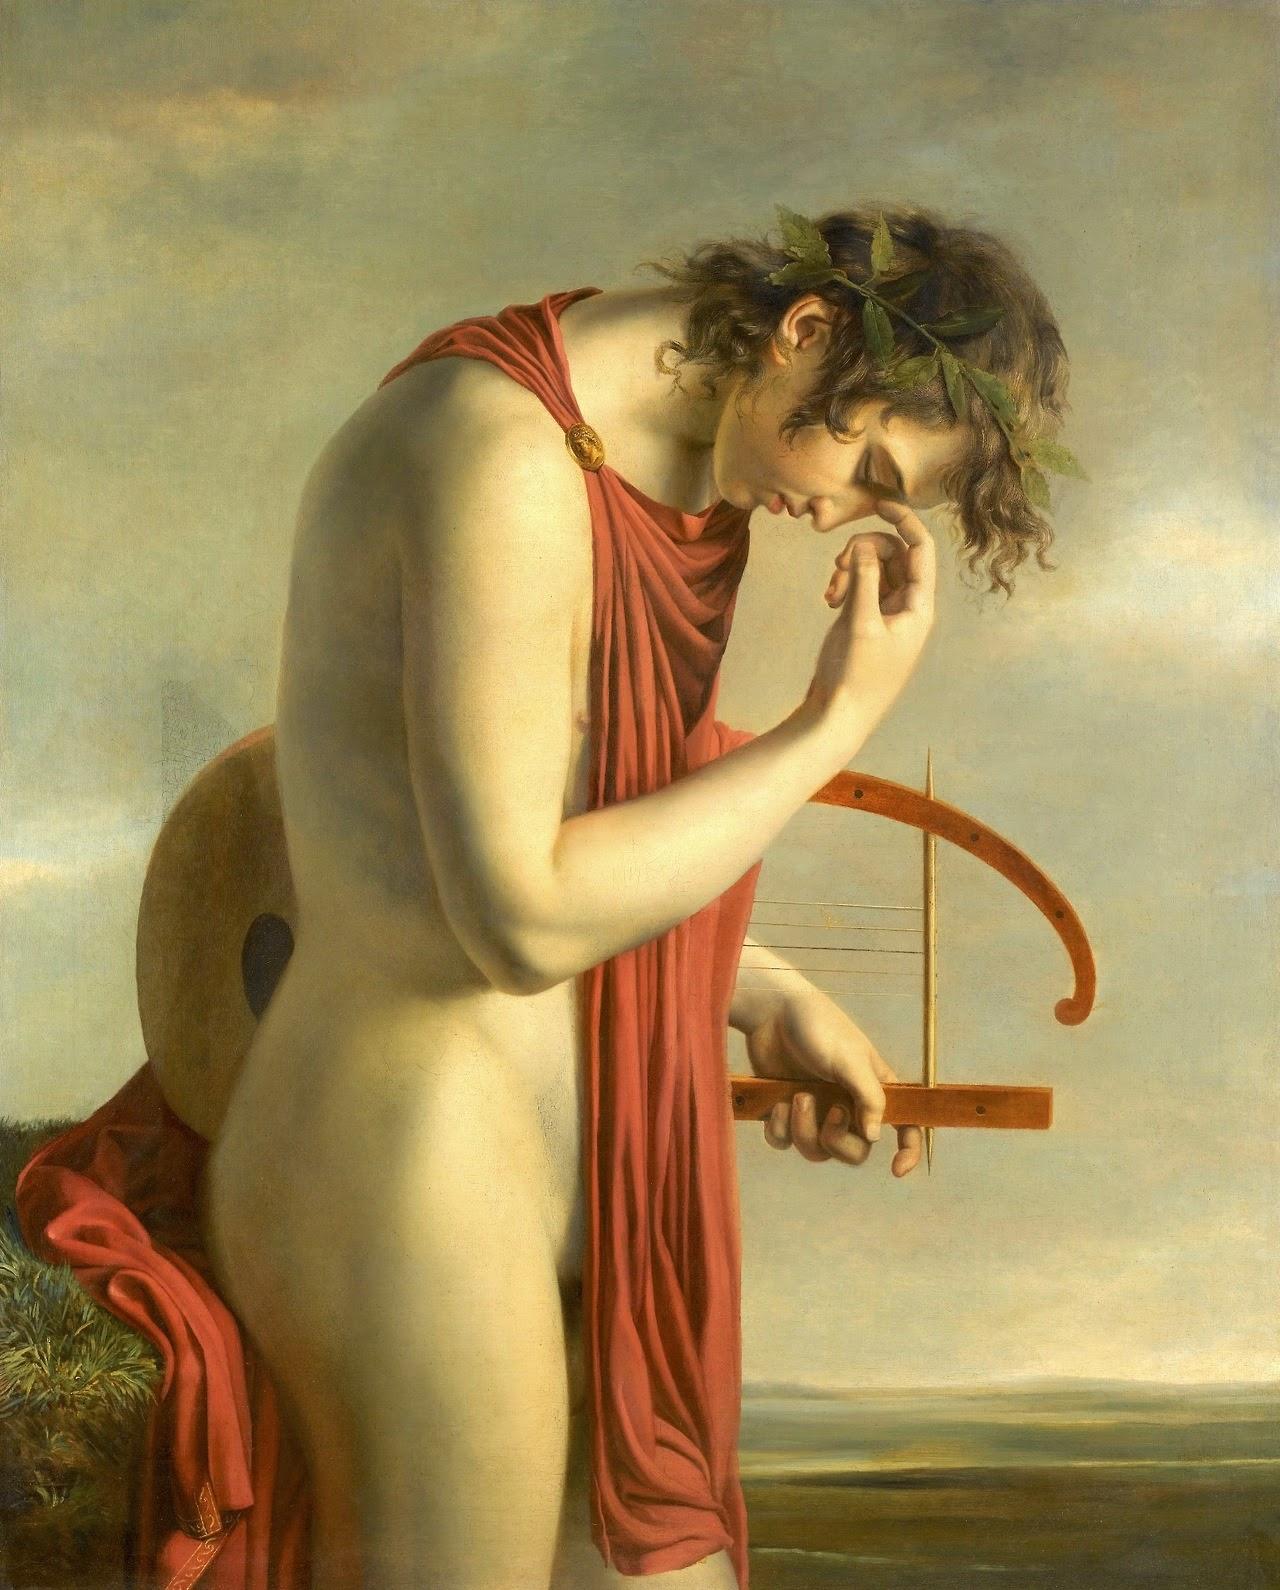 Lamentation d'Orphée | Hugues Jean François Paul Duqueylard